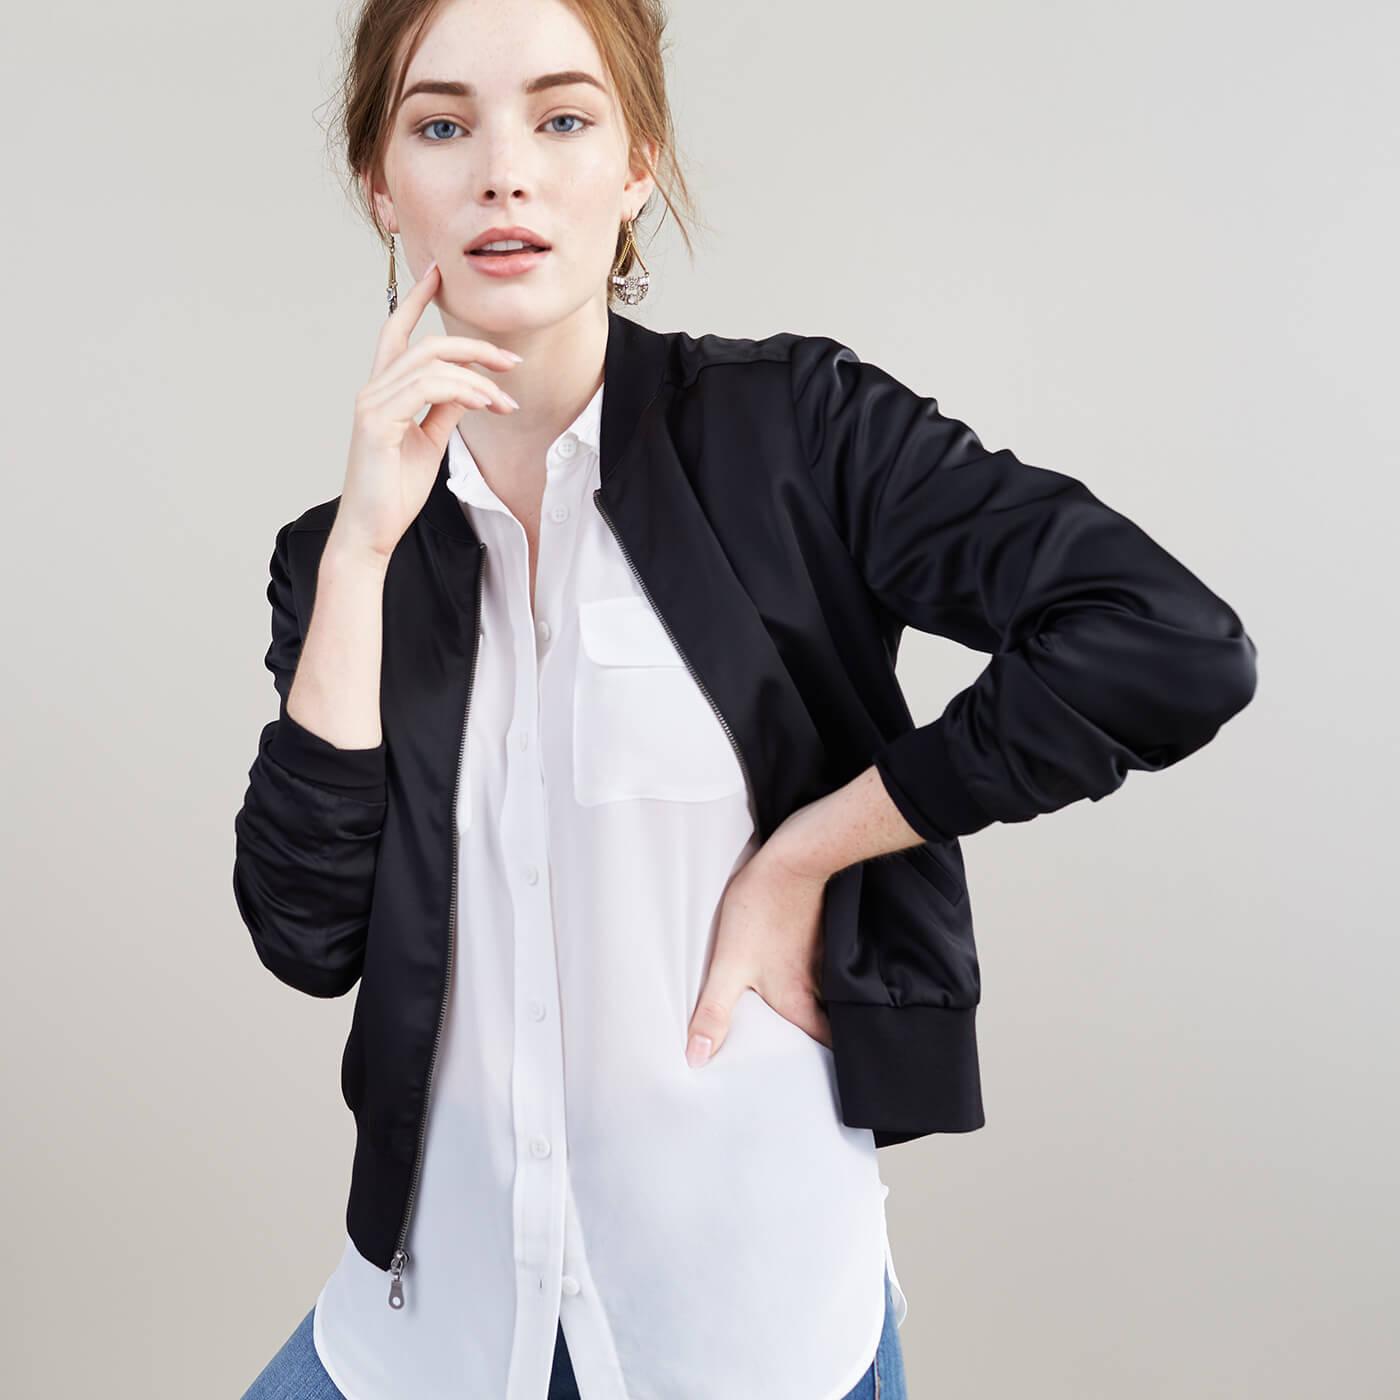 White Button Up Shirt Outfit Ideas Azərbaycan Dillər